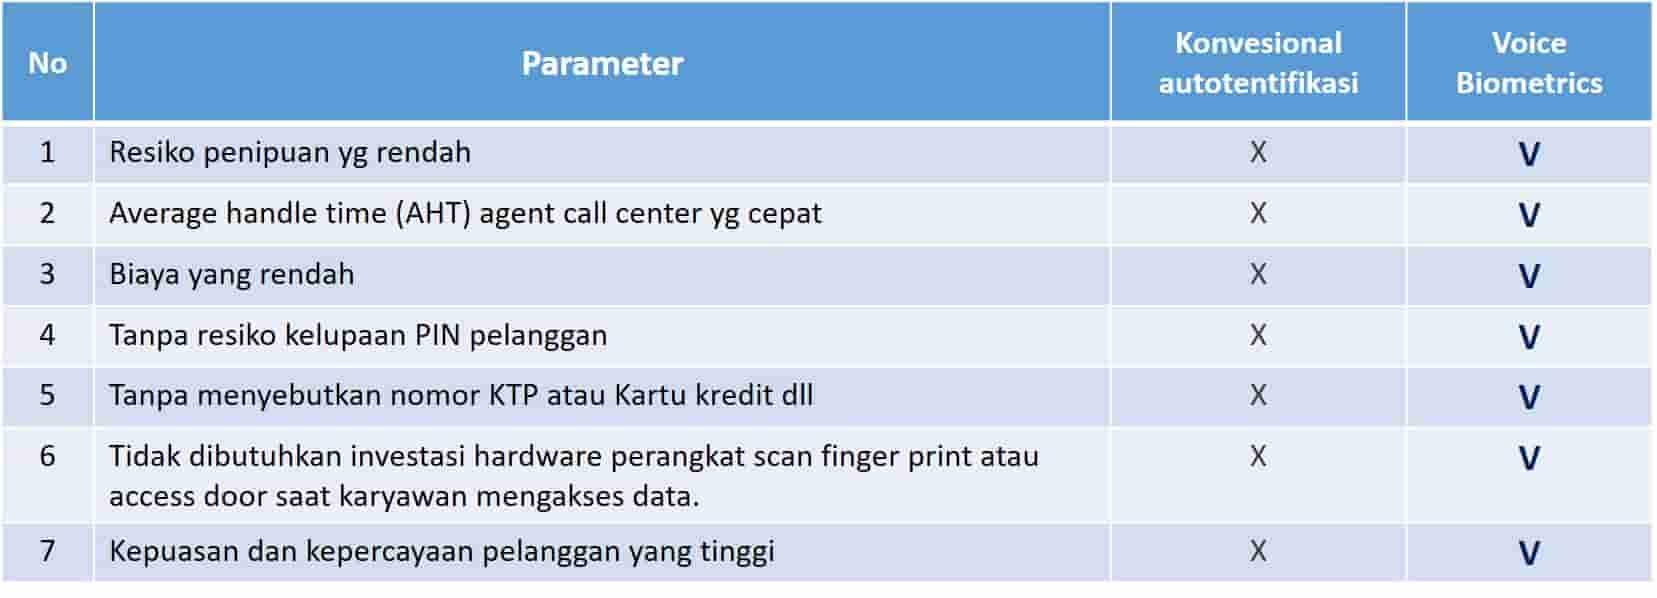 perbandingan Voice biometric vs konvensional